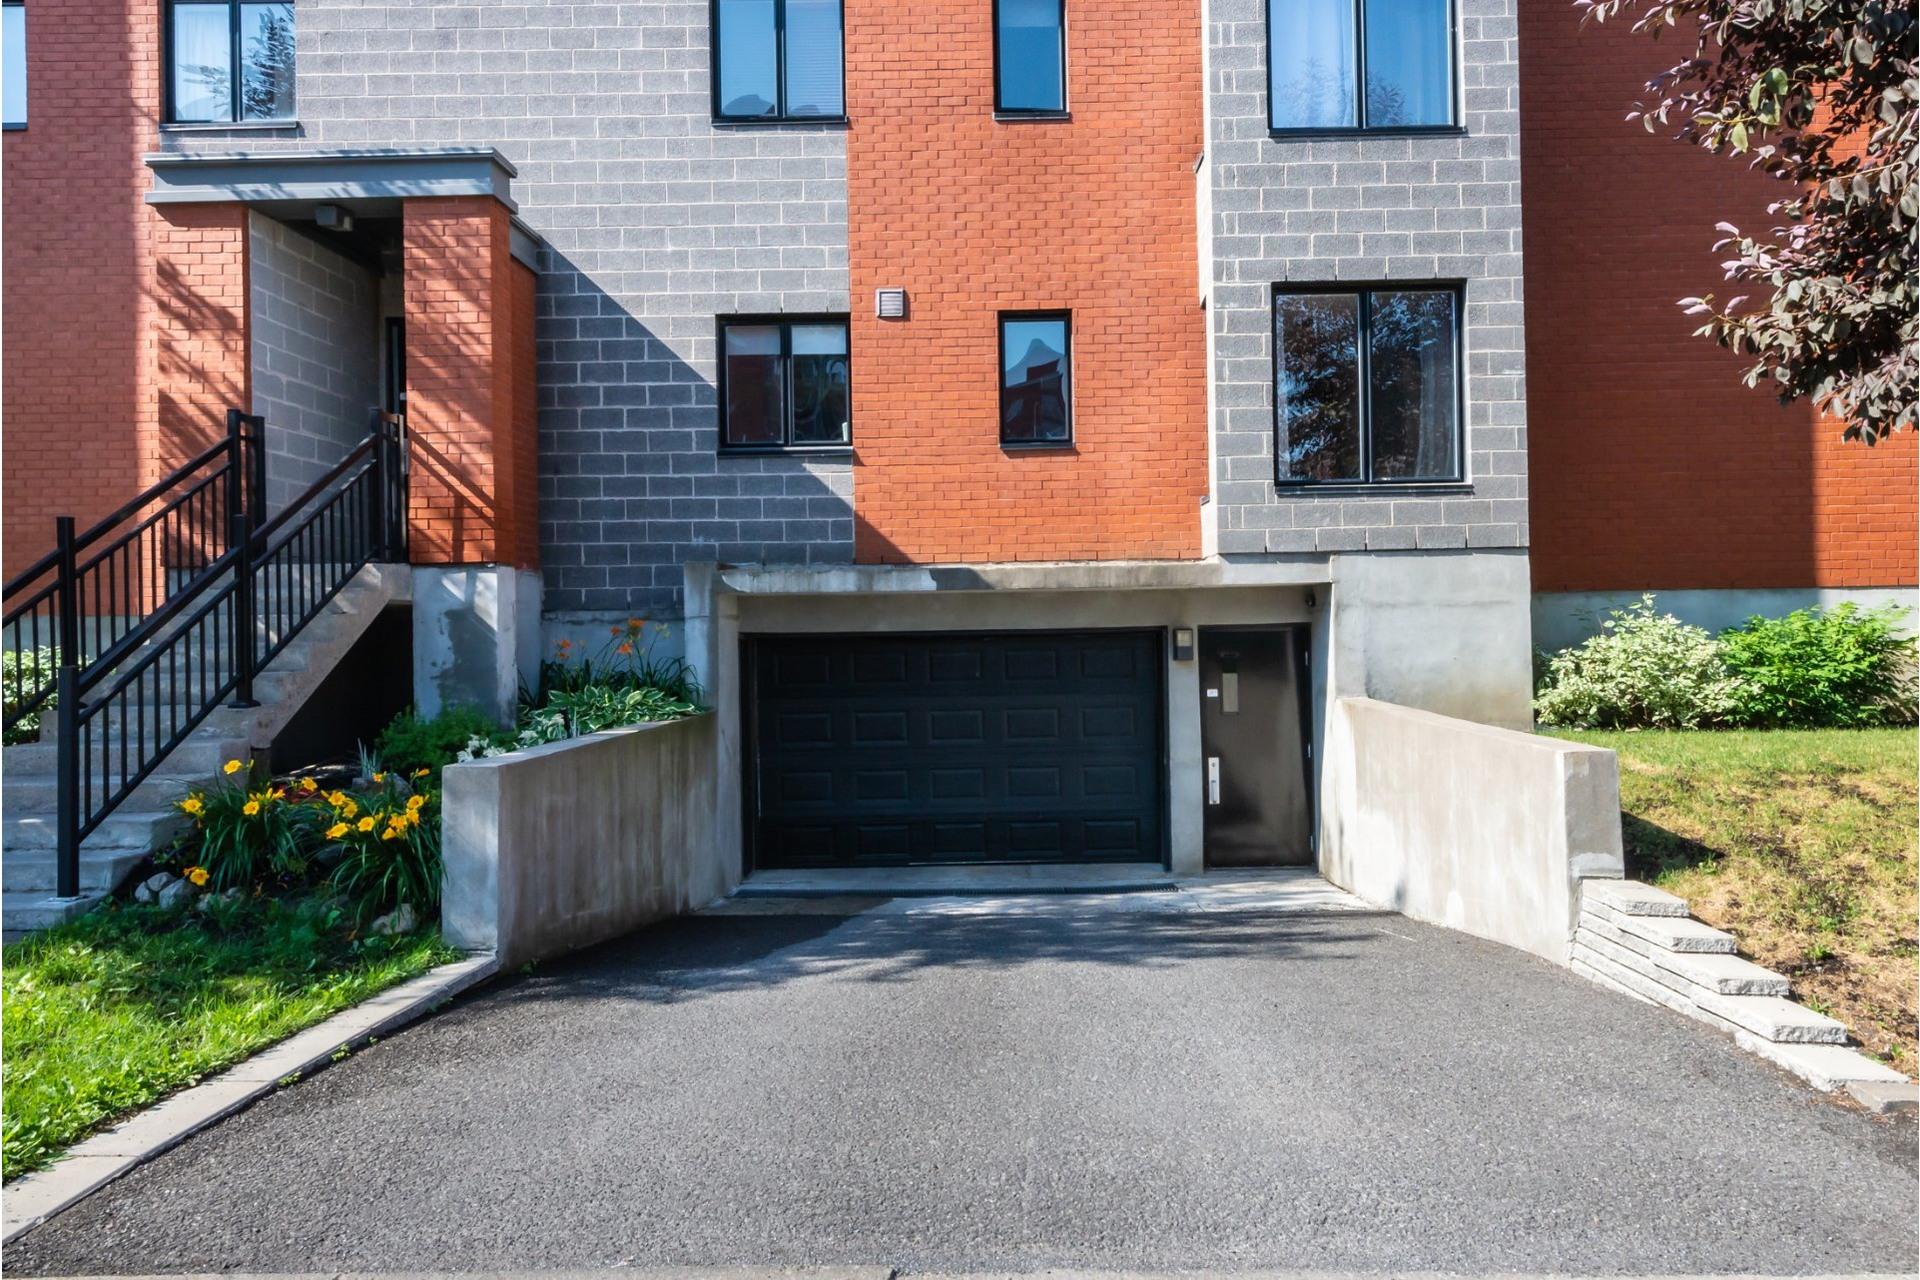 image 27 - Appartement À vendre Mercier/Hochelaga-Maisonneuve Montréal  - 4 pièces